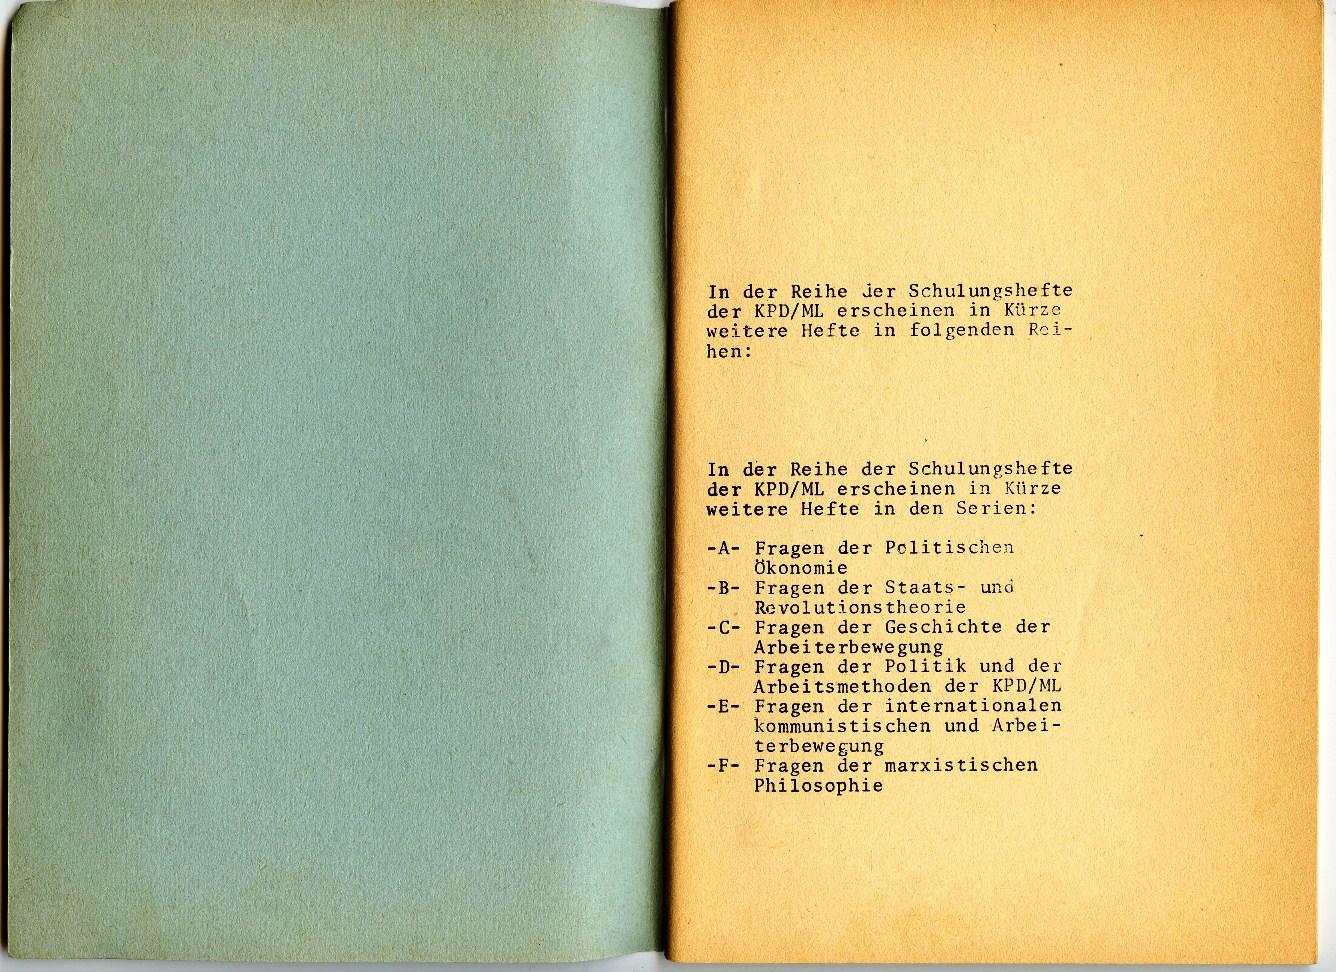 ZB_Polen_Aufstand_1971_02